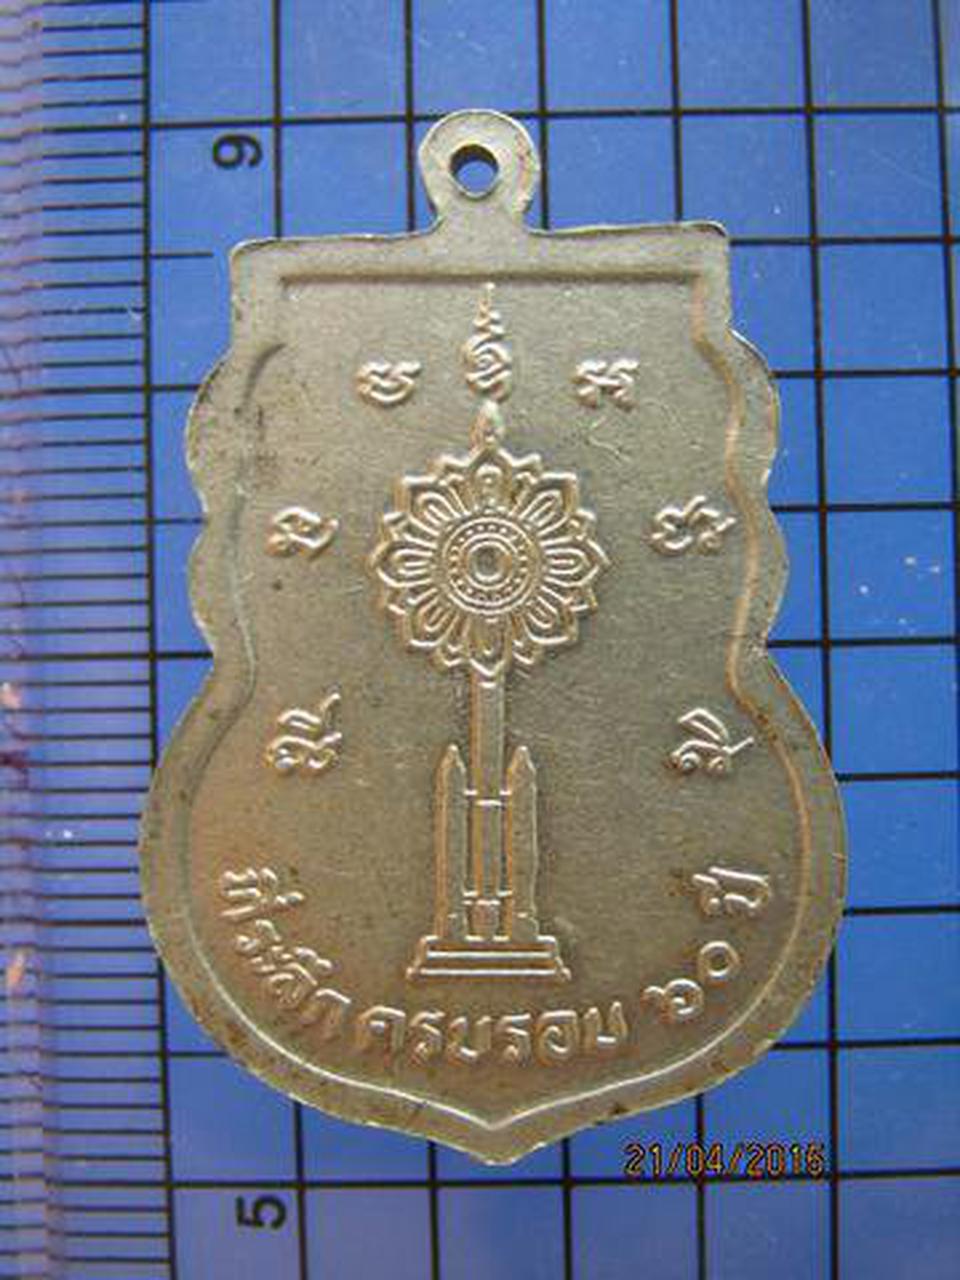 1749 เหรียญหลวงพ่ออุ่น วัดเทพอุปการาม อยุธยา เนื้ออัลปาก้า ป รูปที่ 2